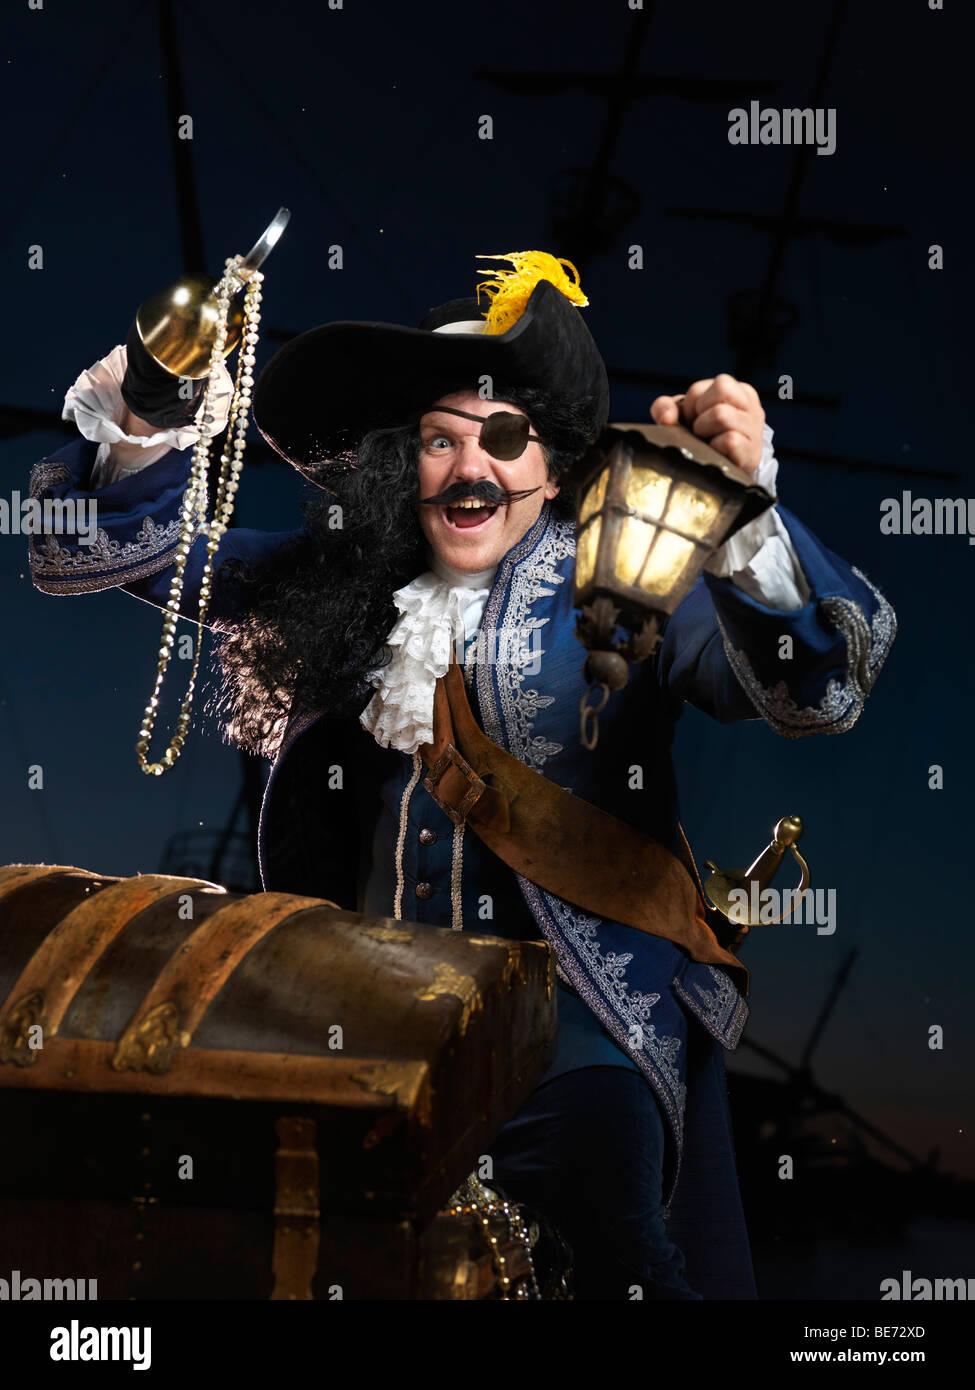 Pirat mit einer Laterne eine Schatzkiste öffnen Stockbild